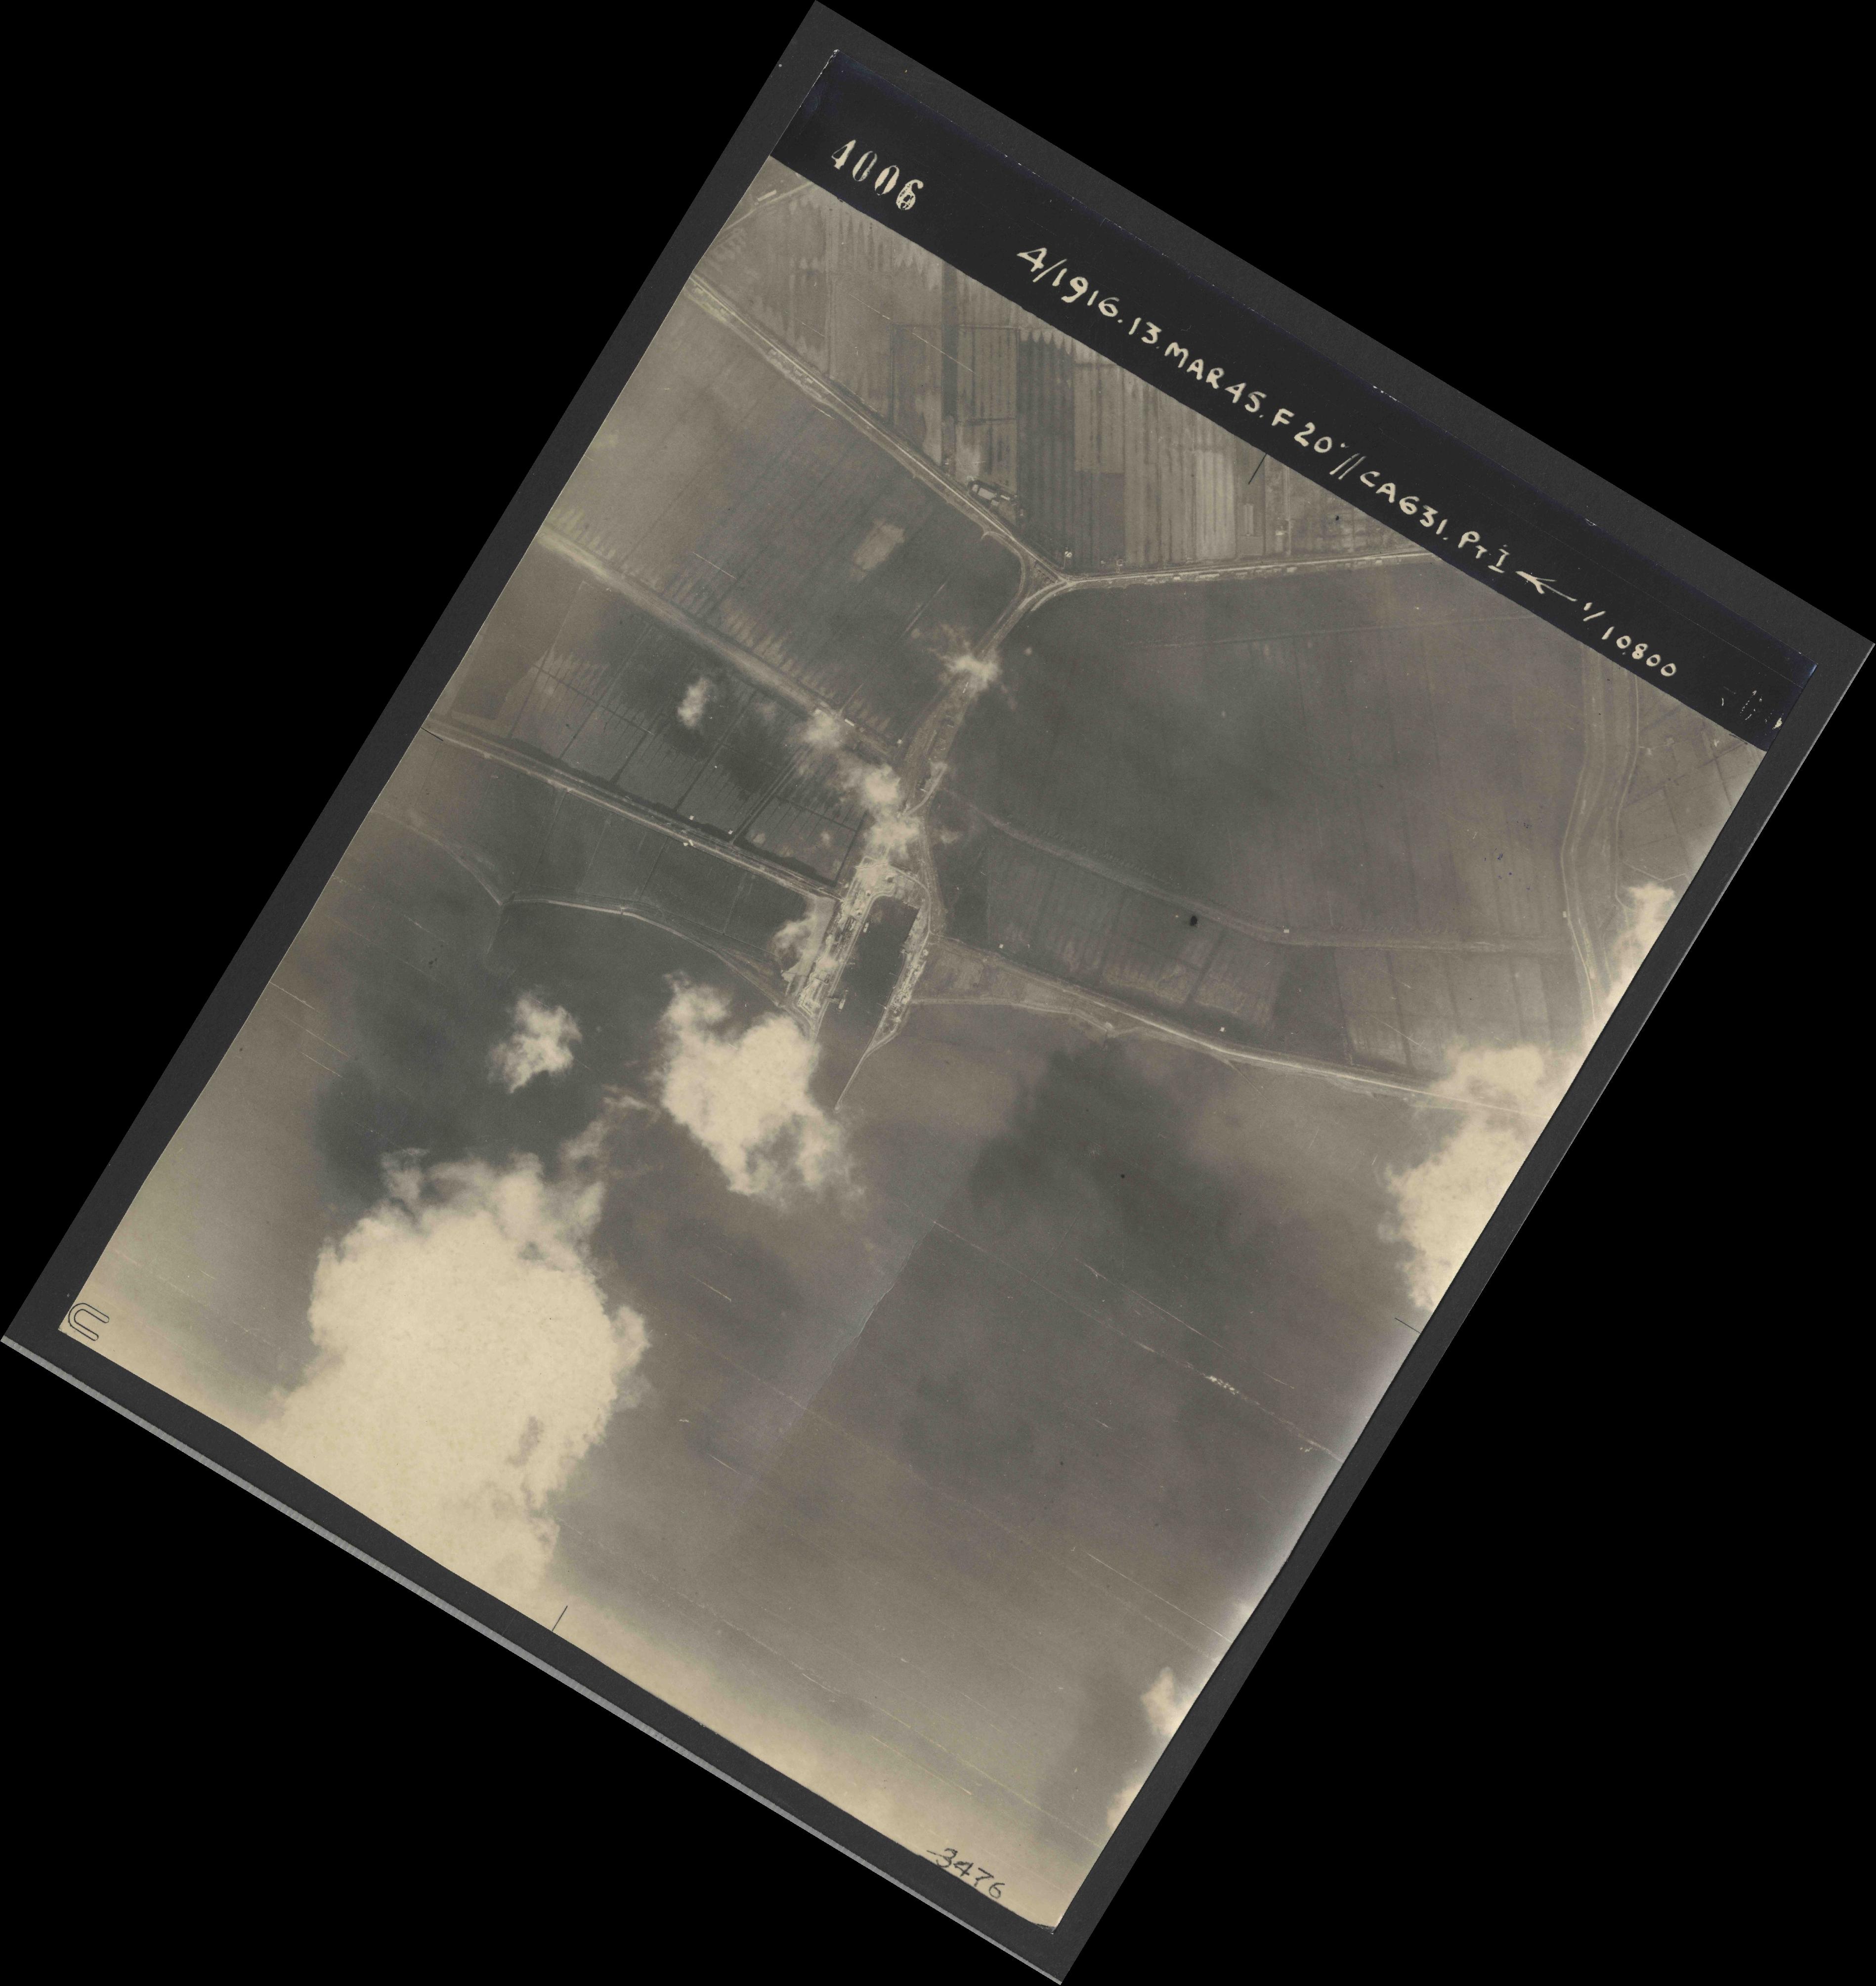 Collection RAF aerial photos 1940-1945 - flight 085, run 03, photo 4006